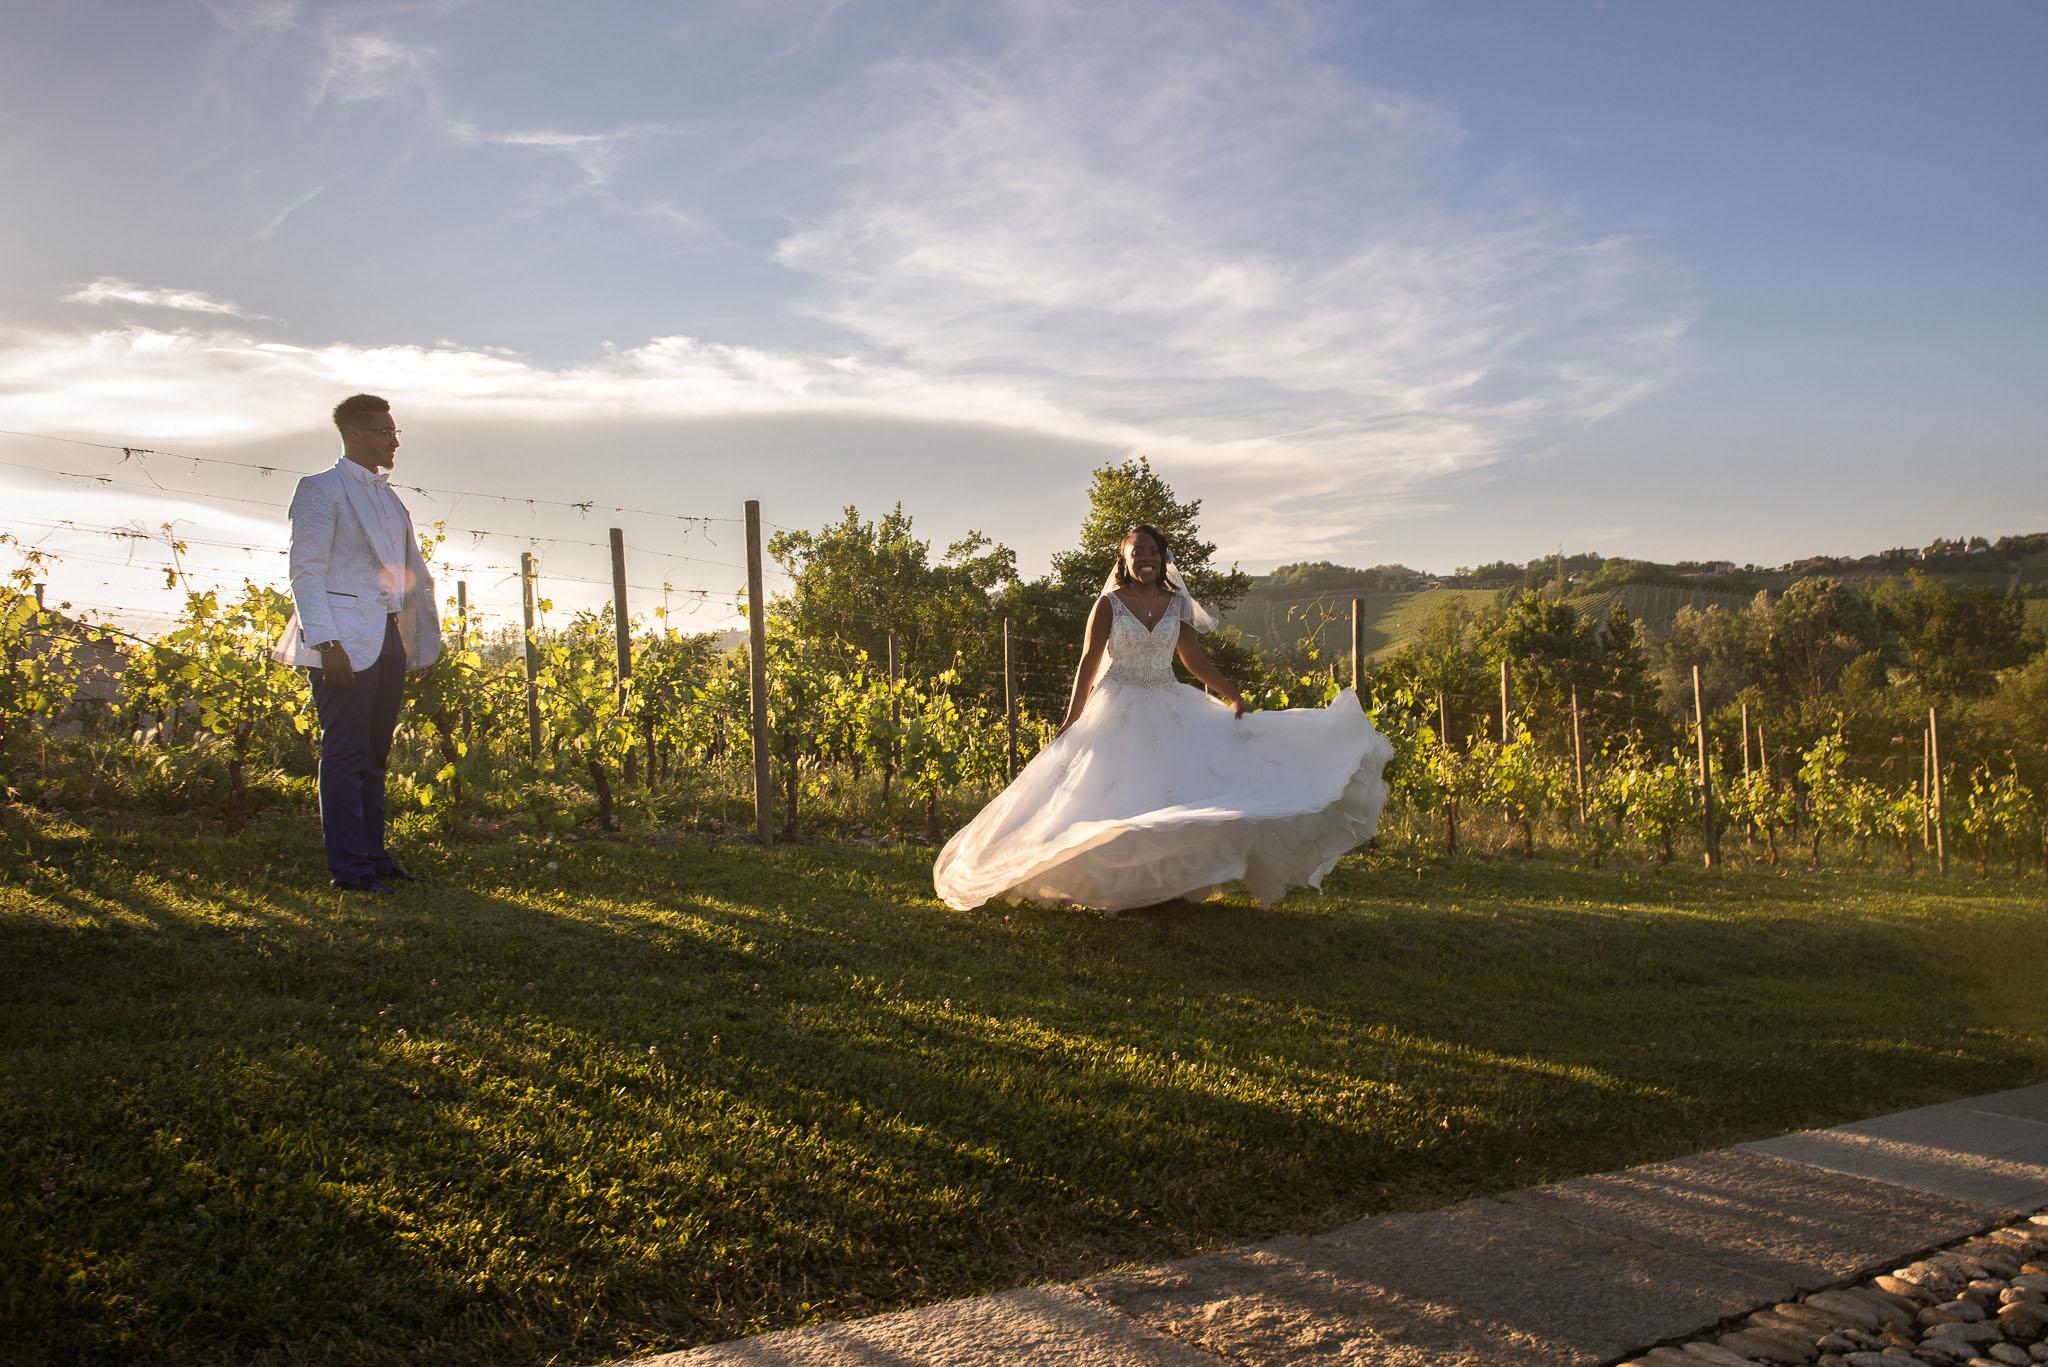 Matrimonio Nel Monferrato Dionne Dale - Wdding Matrimono Emanuele Tibaldi Fotografo 34 - Foto-Matrimonio-nel-monferrato - Foto-Matrimonio-nel-monferrato